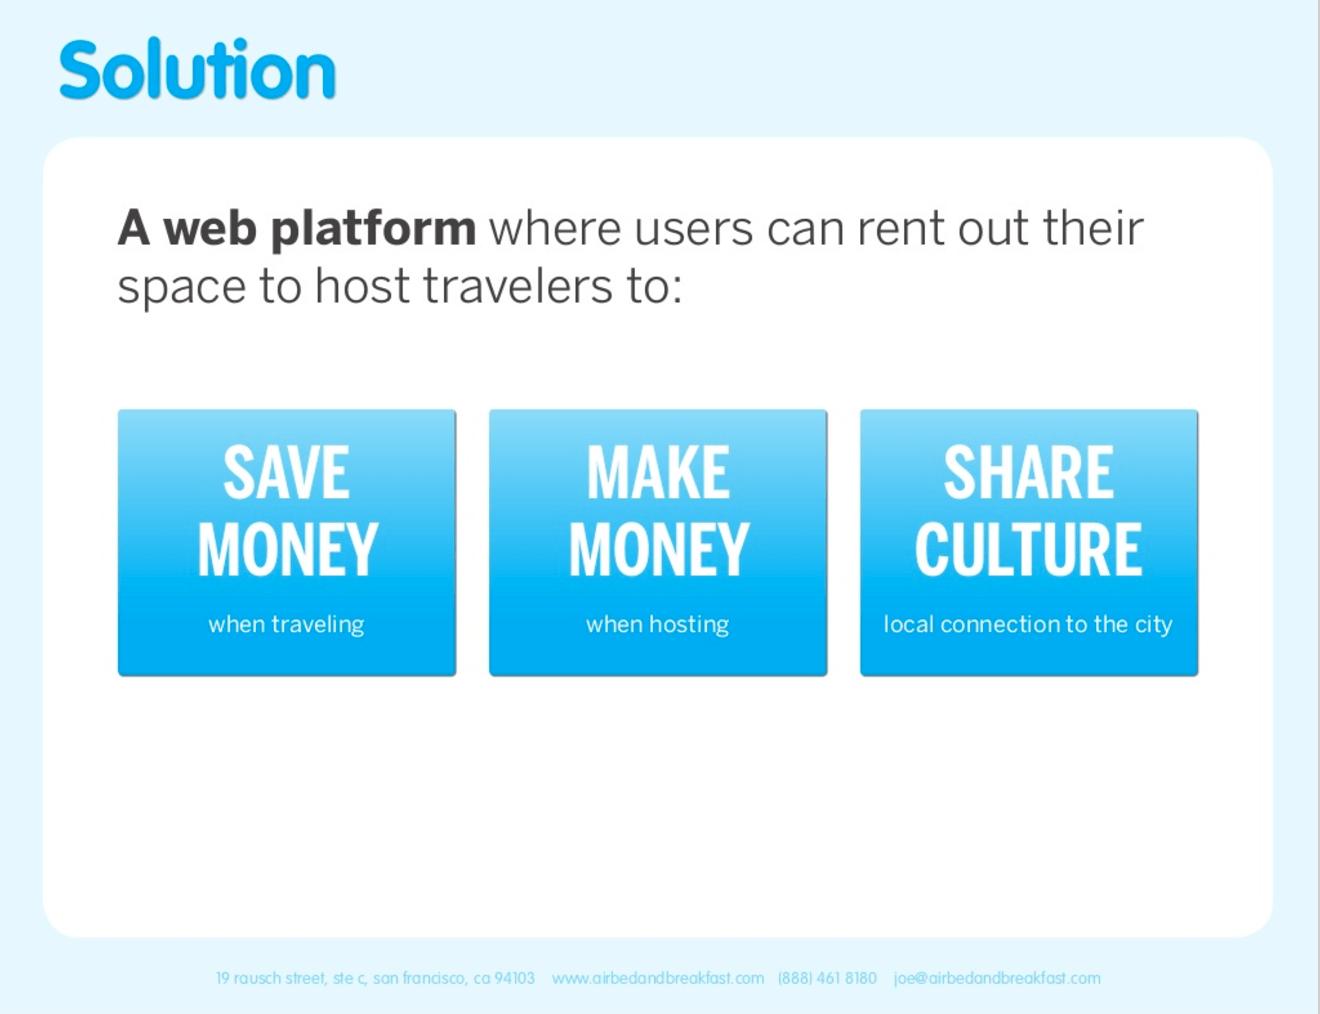 levée de fonds, entrepreneur, entrepreneuriat, start-up, création d'entreprise, airbnb